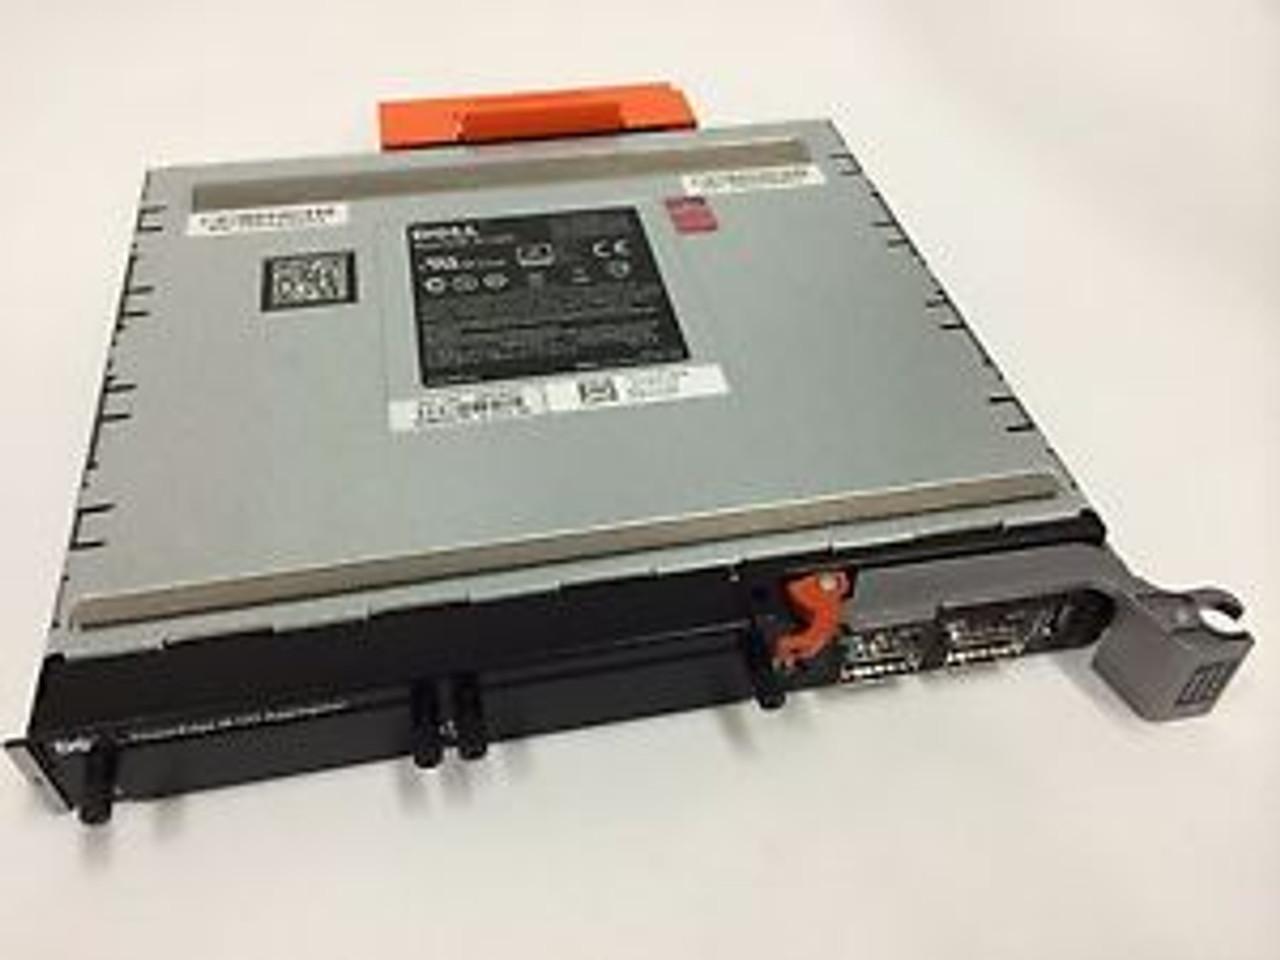 PowerEdge M I/O Aggregator